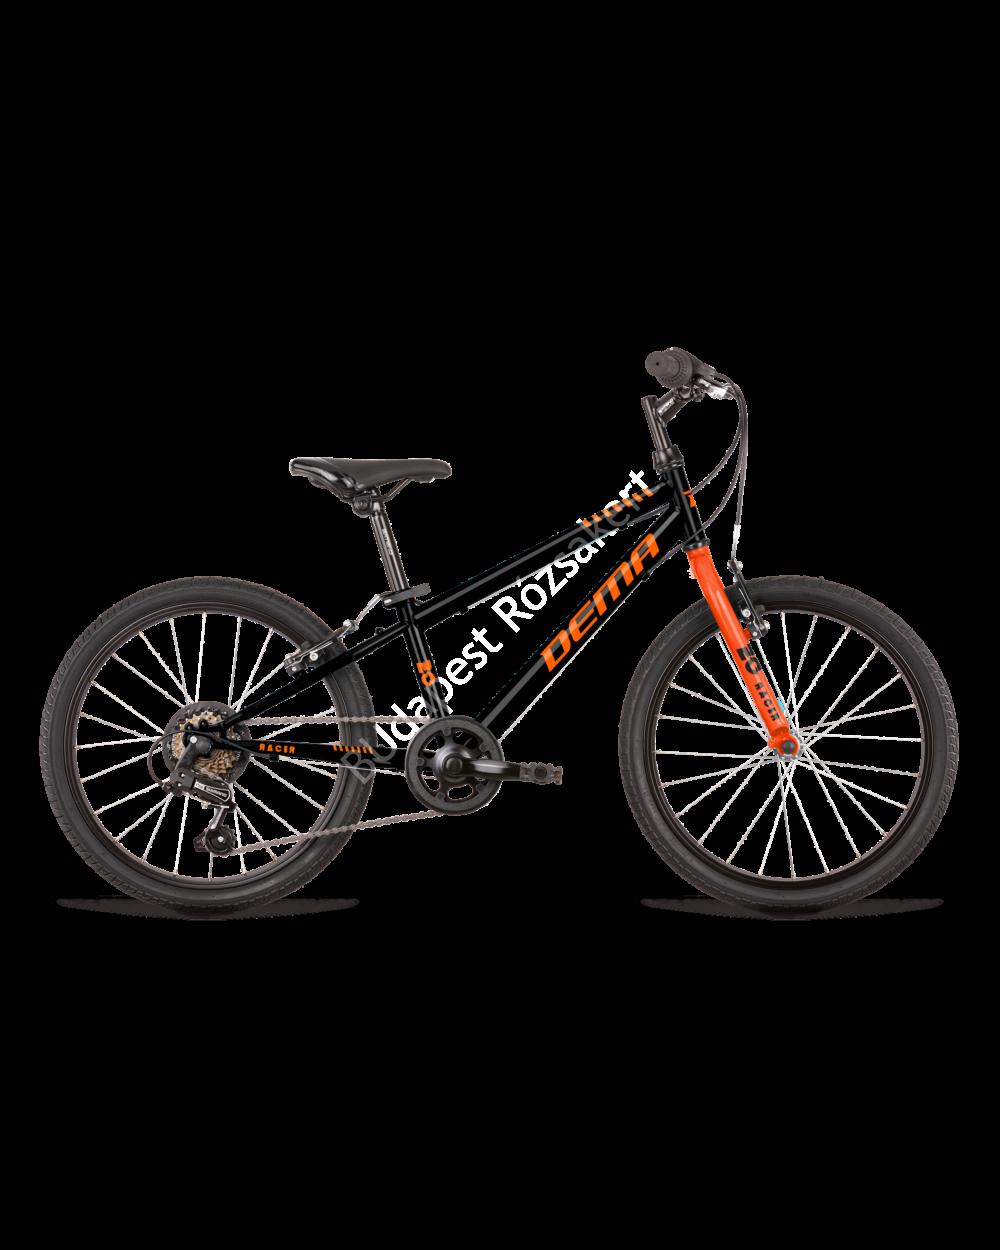 """Dema 20"""" ALU 7S Racer orange kerékpár, 11.1 kg"""